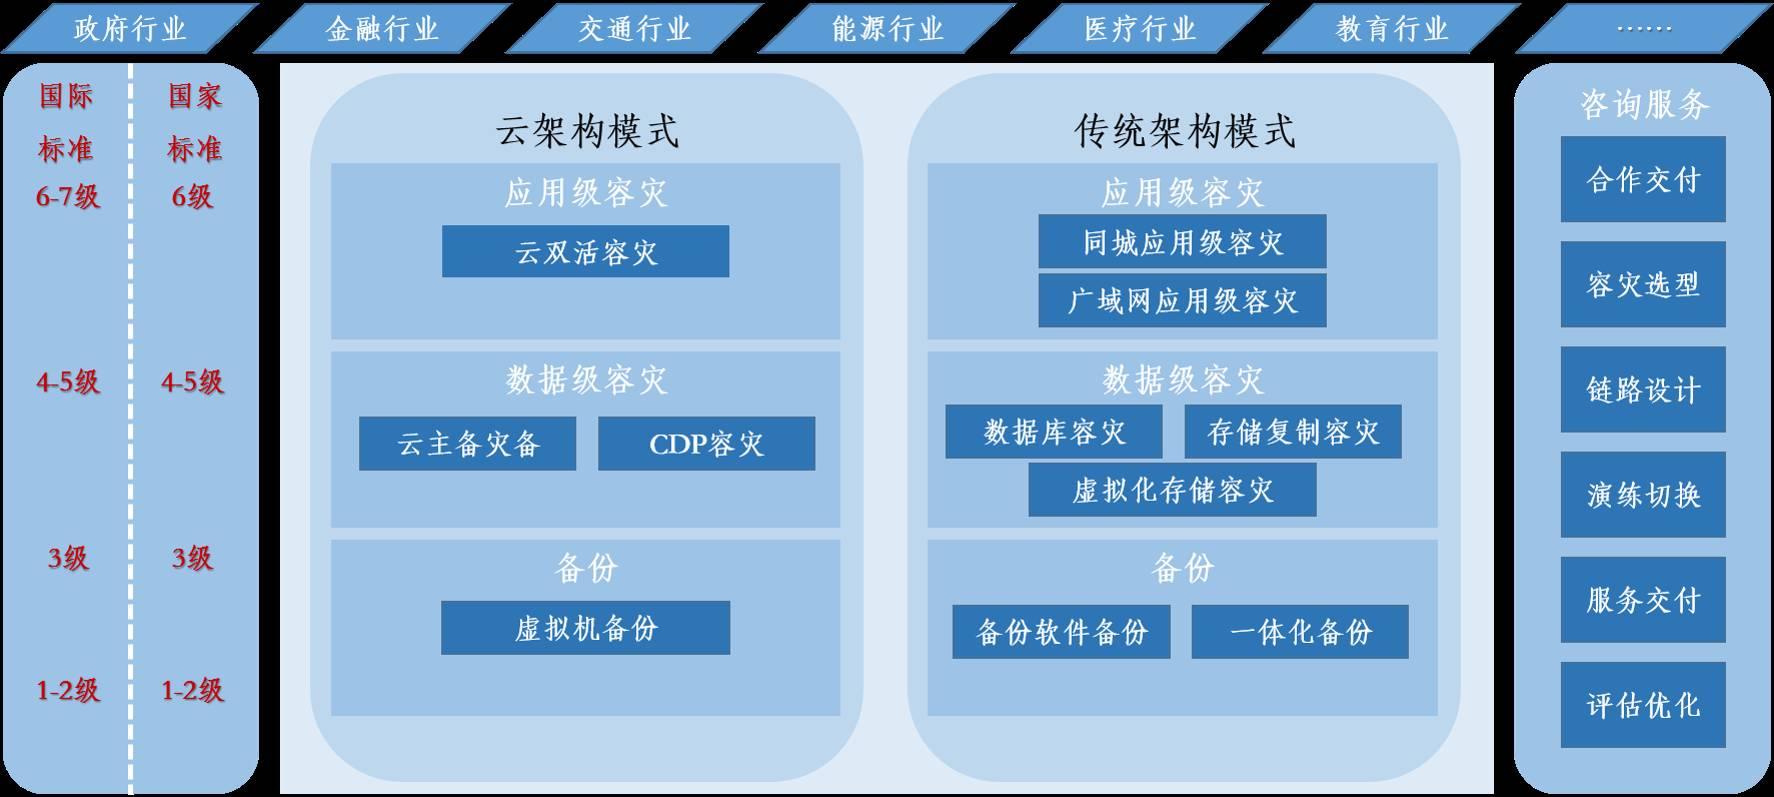 软件应急预案模板